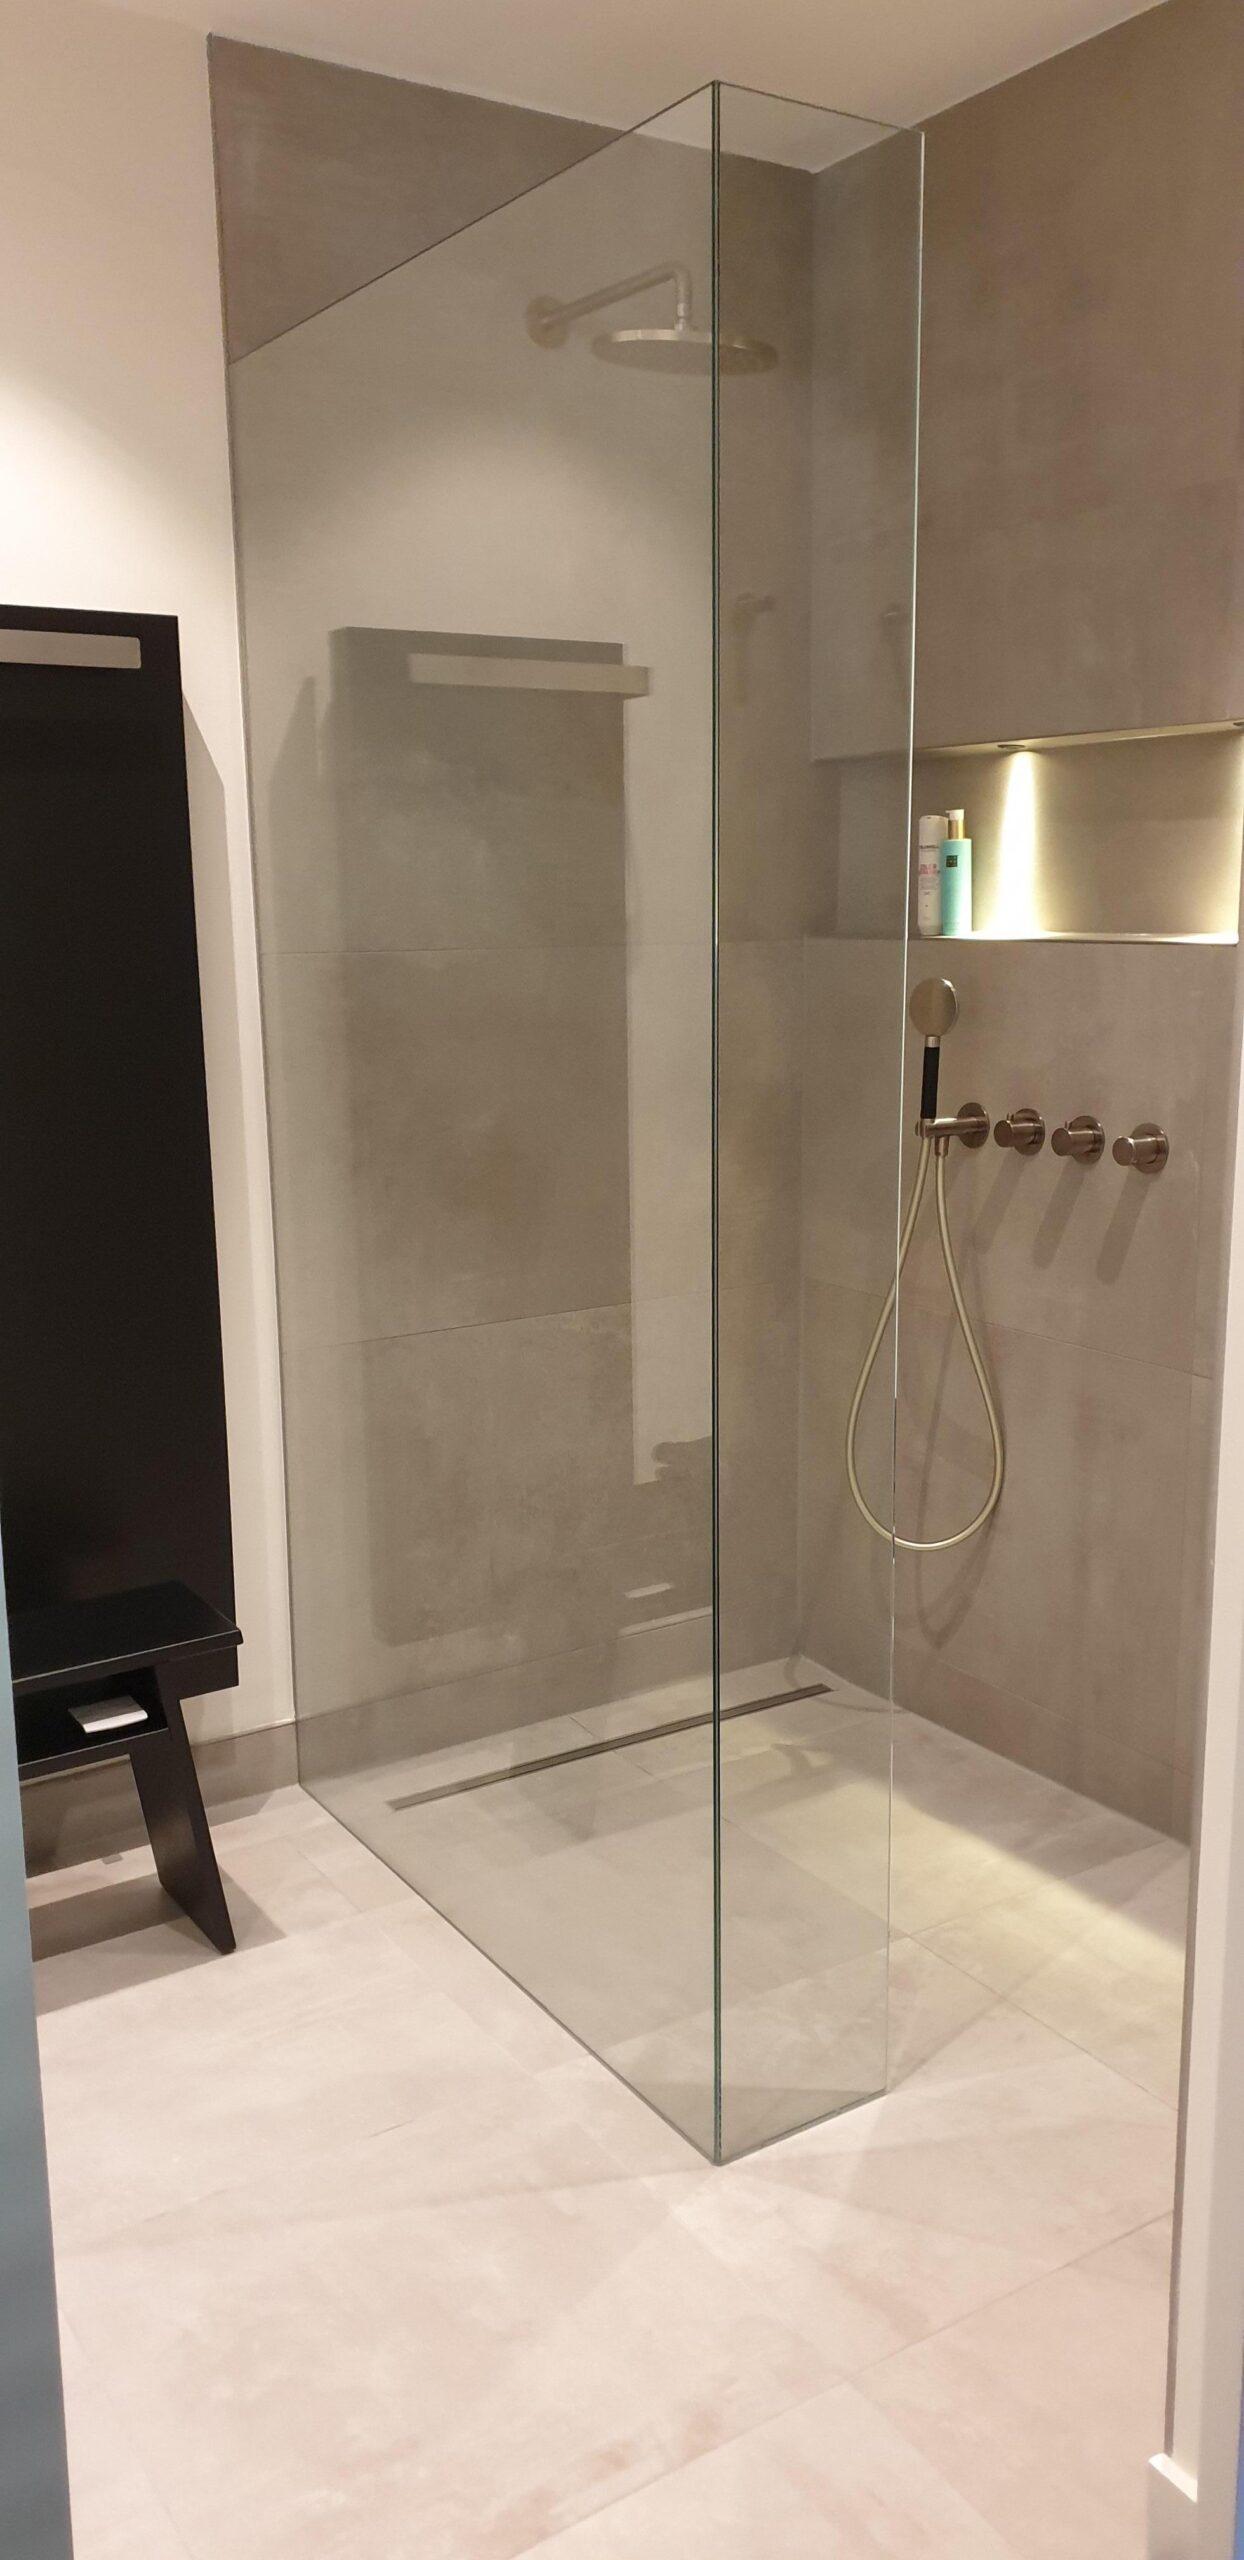 Verlijmde douchewand grijze badkamer